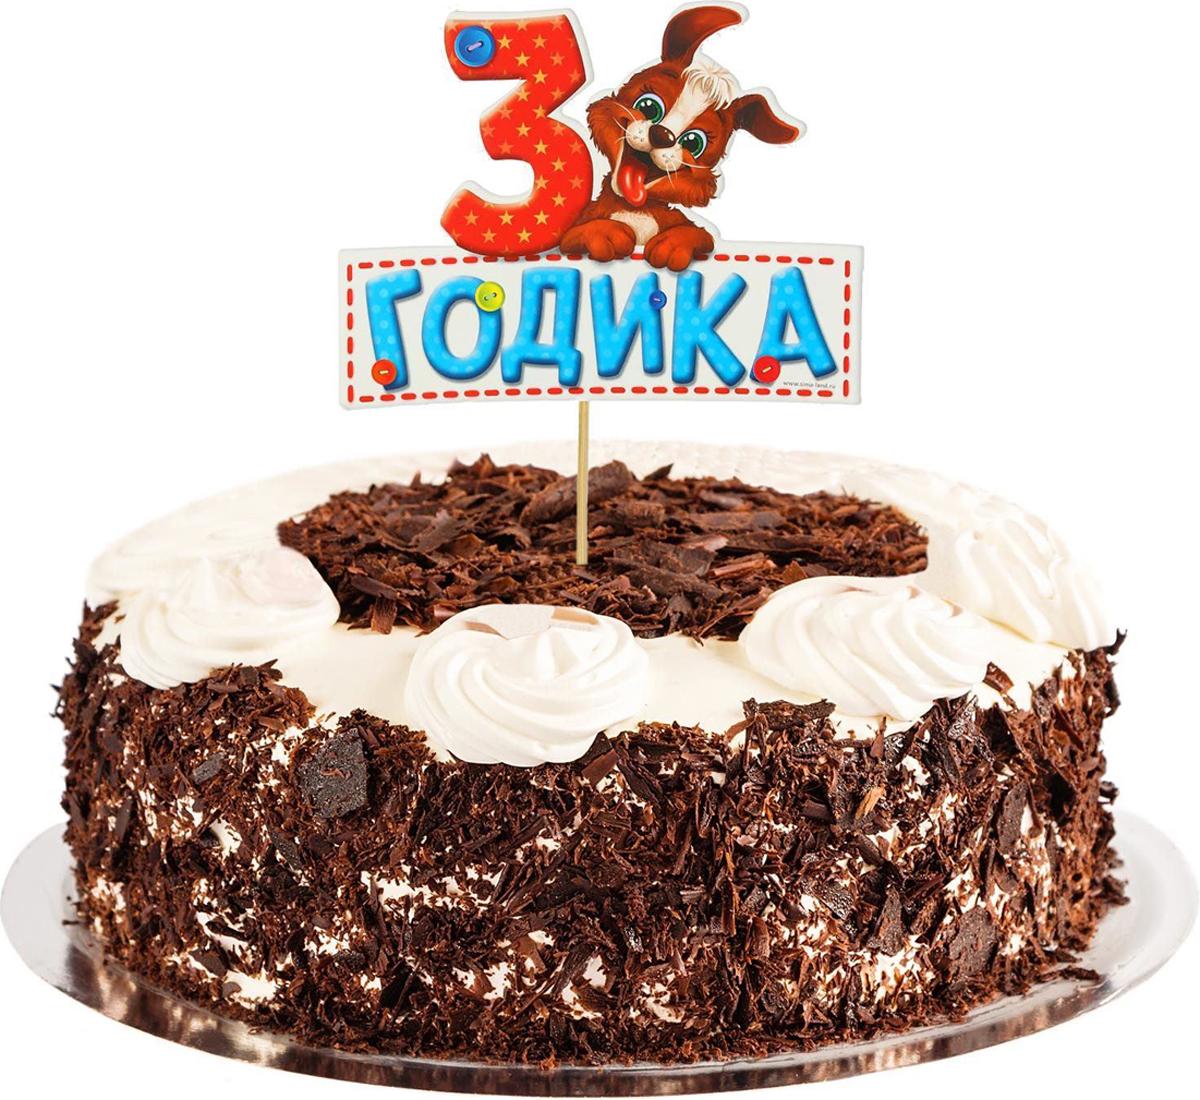 Страна Карнавалия Топпер в торт 3 годика Малыш1490963Подготовка к праздникам — это весьма непростое занятие, которое требует много времени Подчеркнуть особую атмосферу торжества и без лишних хлопот украсить торт помогут наши топперы Просто вставьте их в сладкое угощение — они добавят яркости вашему мероприятию и сделают его запоминающимся